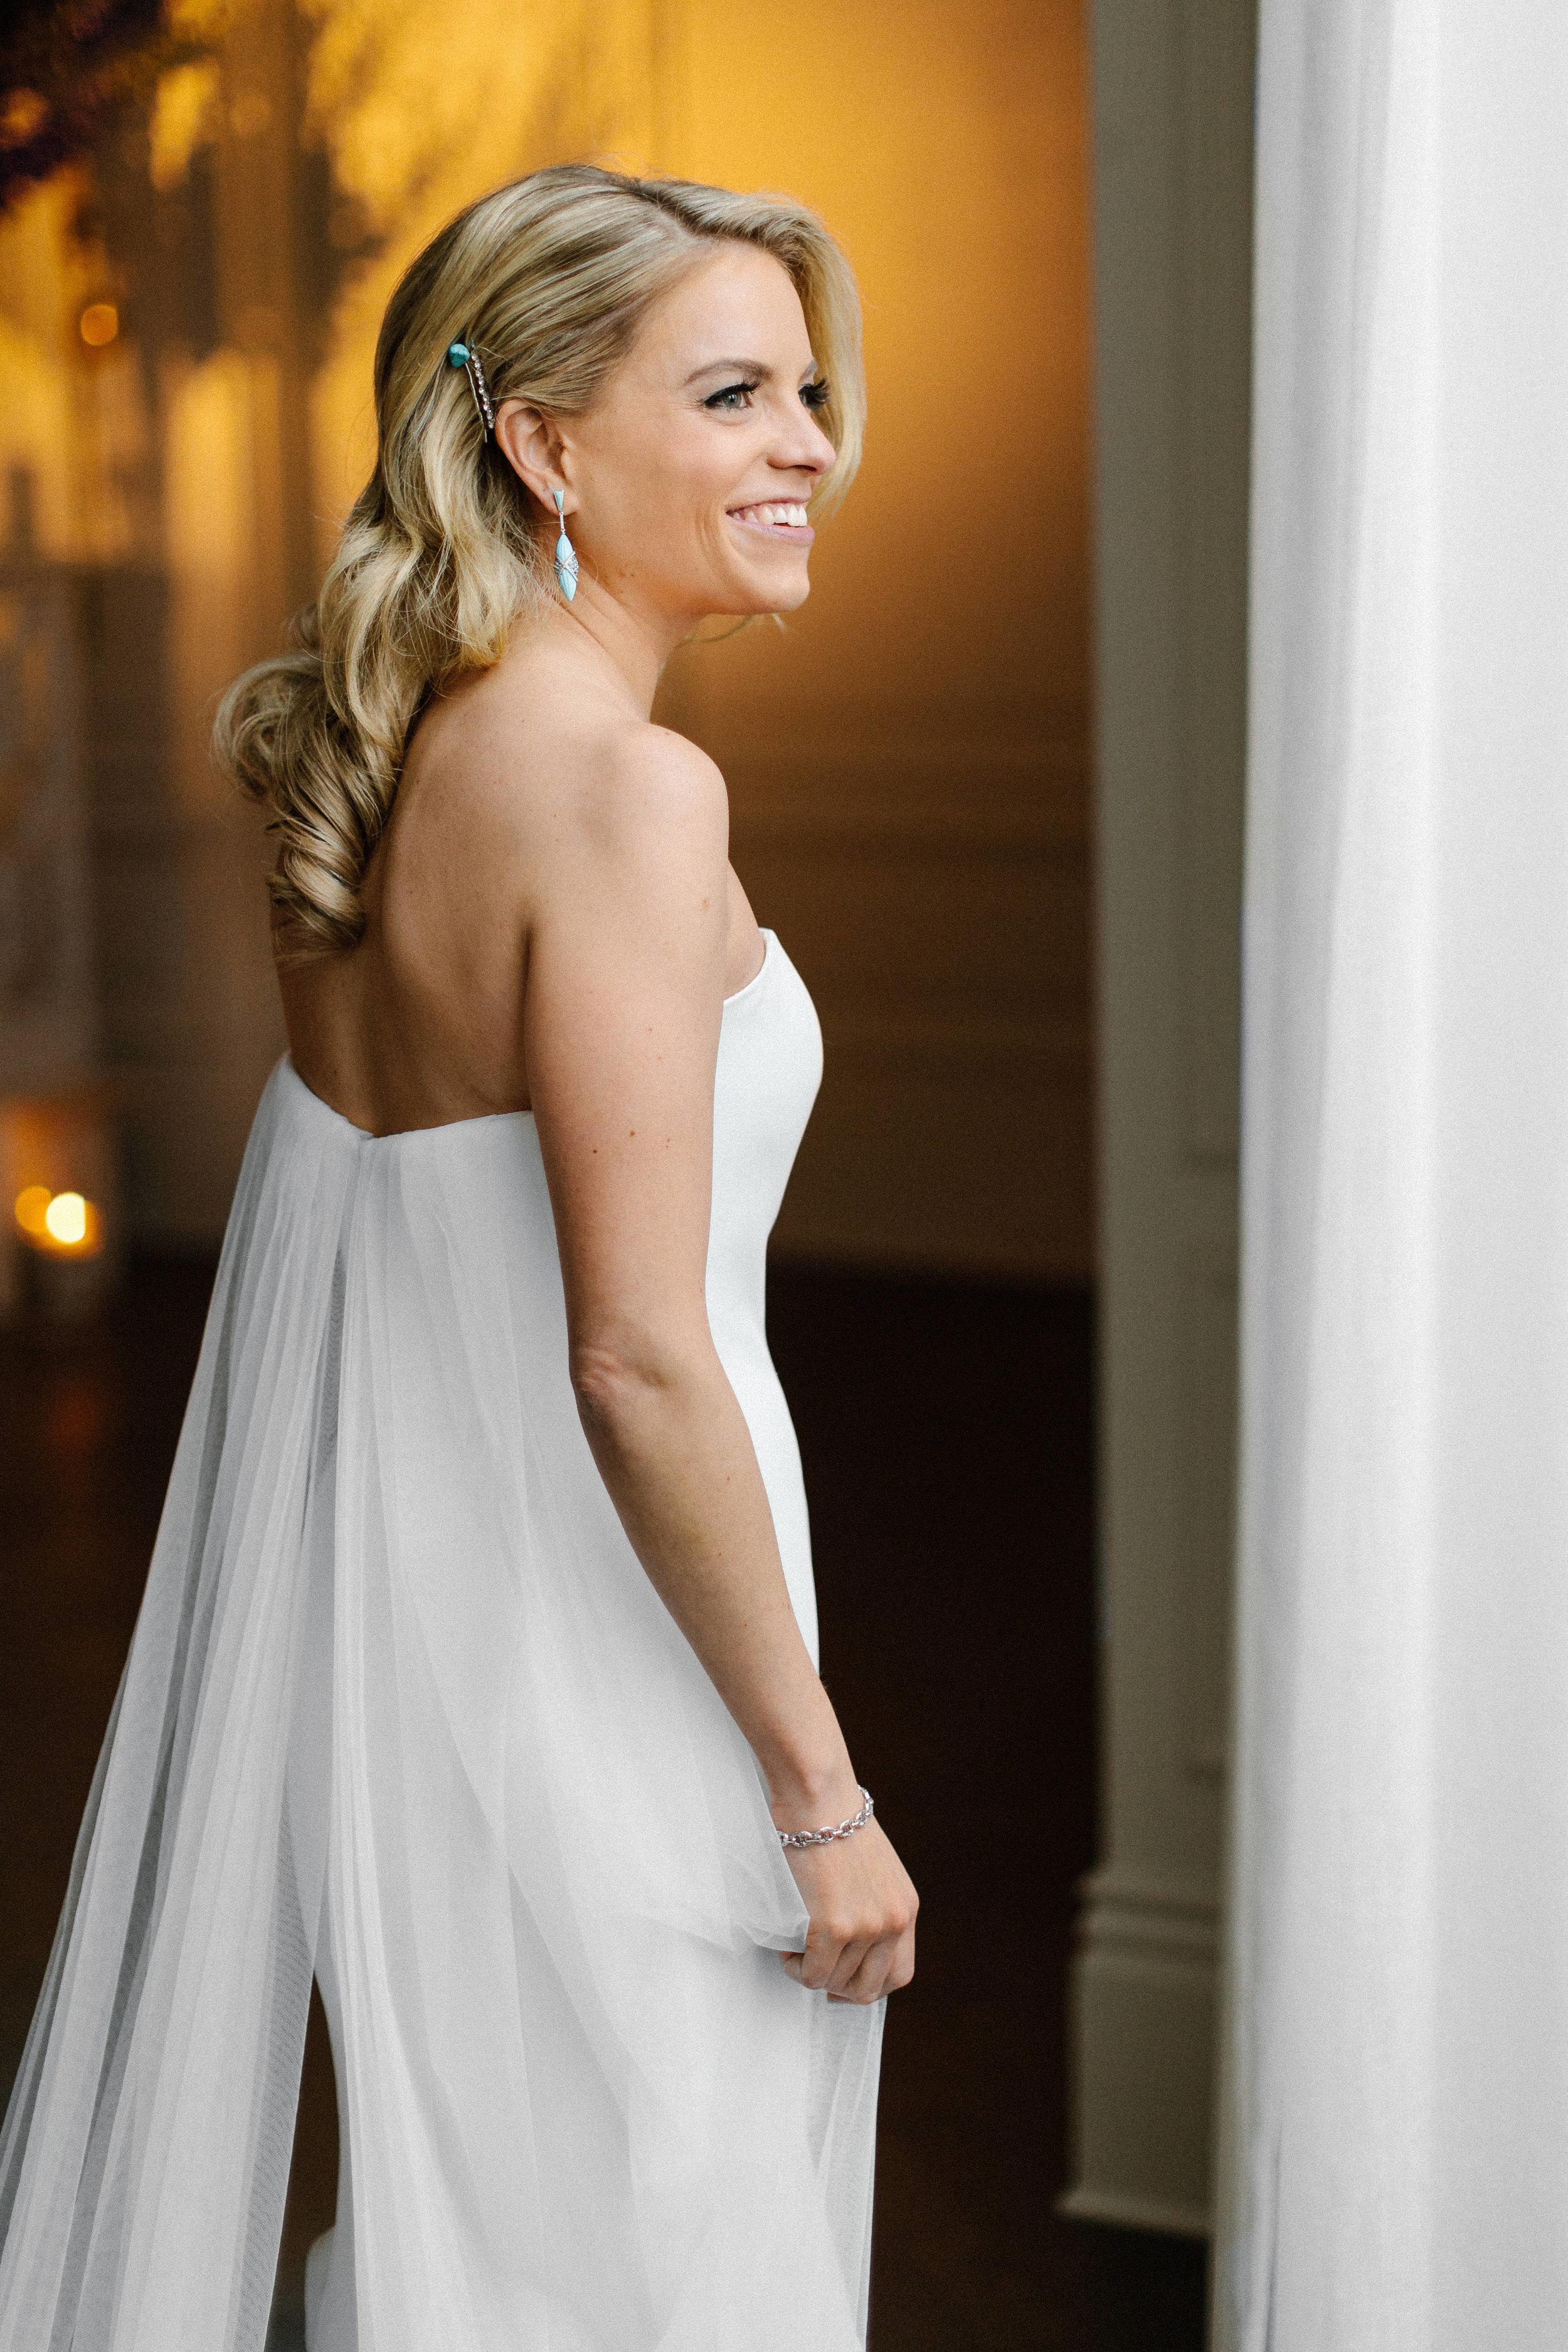 Portraits - Adolphus Wedding - Dallas Wedding Planner - Allday Events - 17.jpg